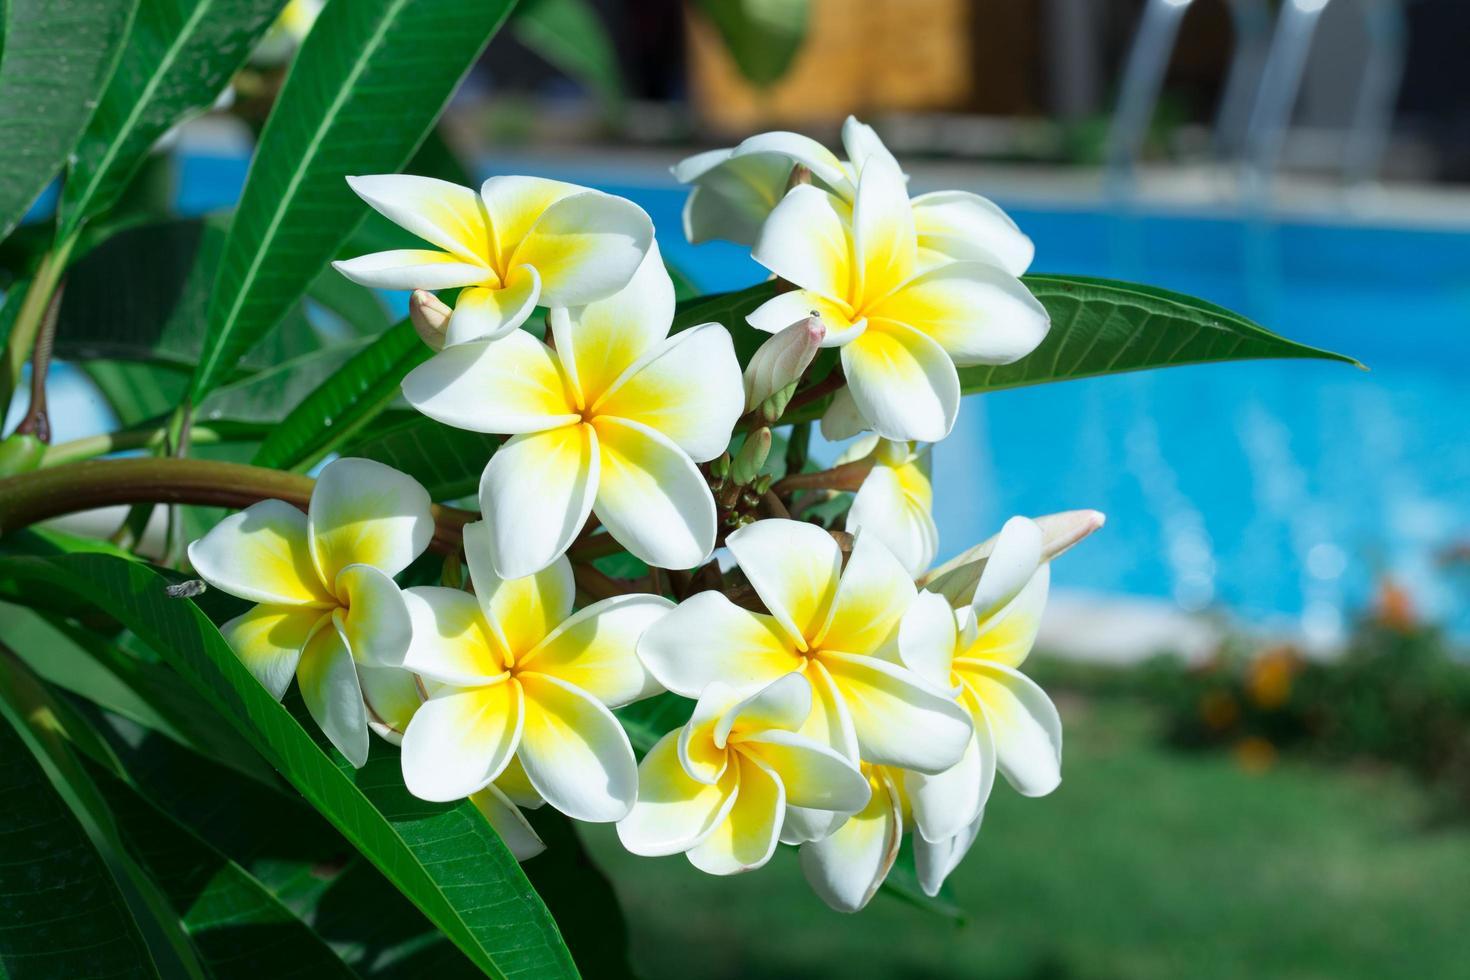 Frangipani-Blüten an einem Baum im Garten foto